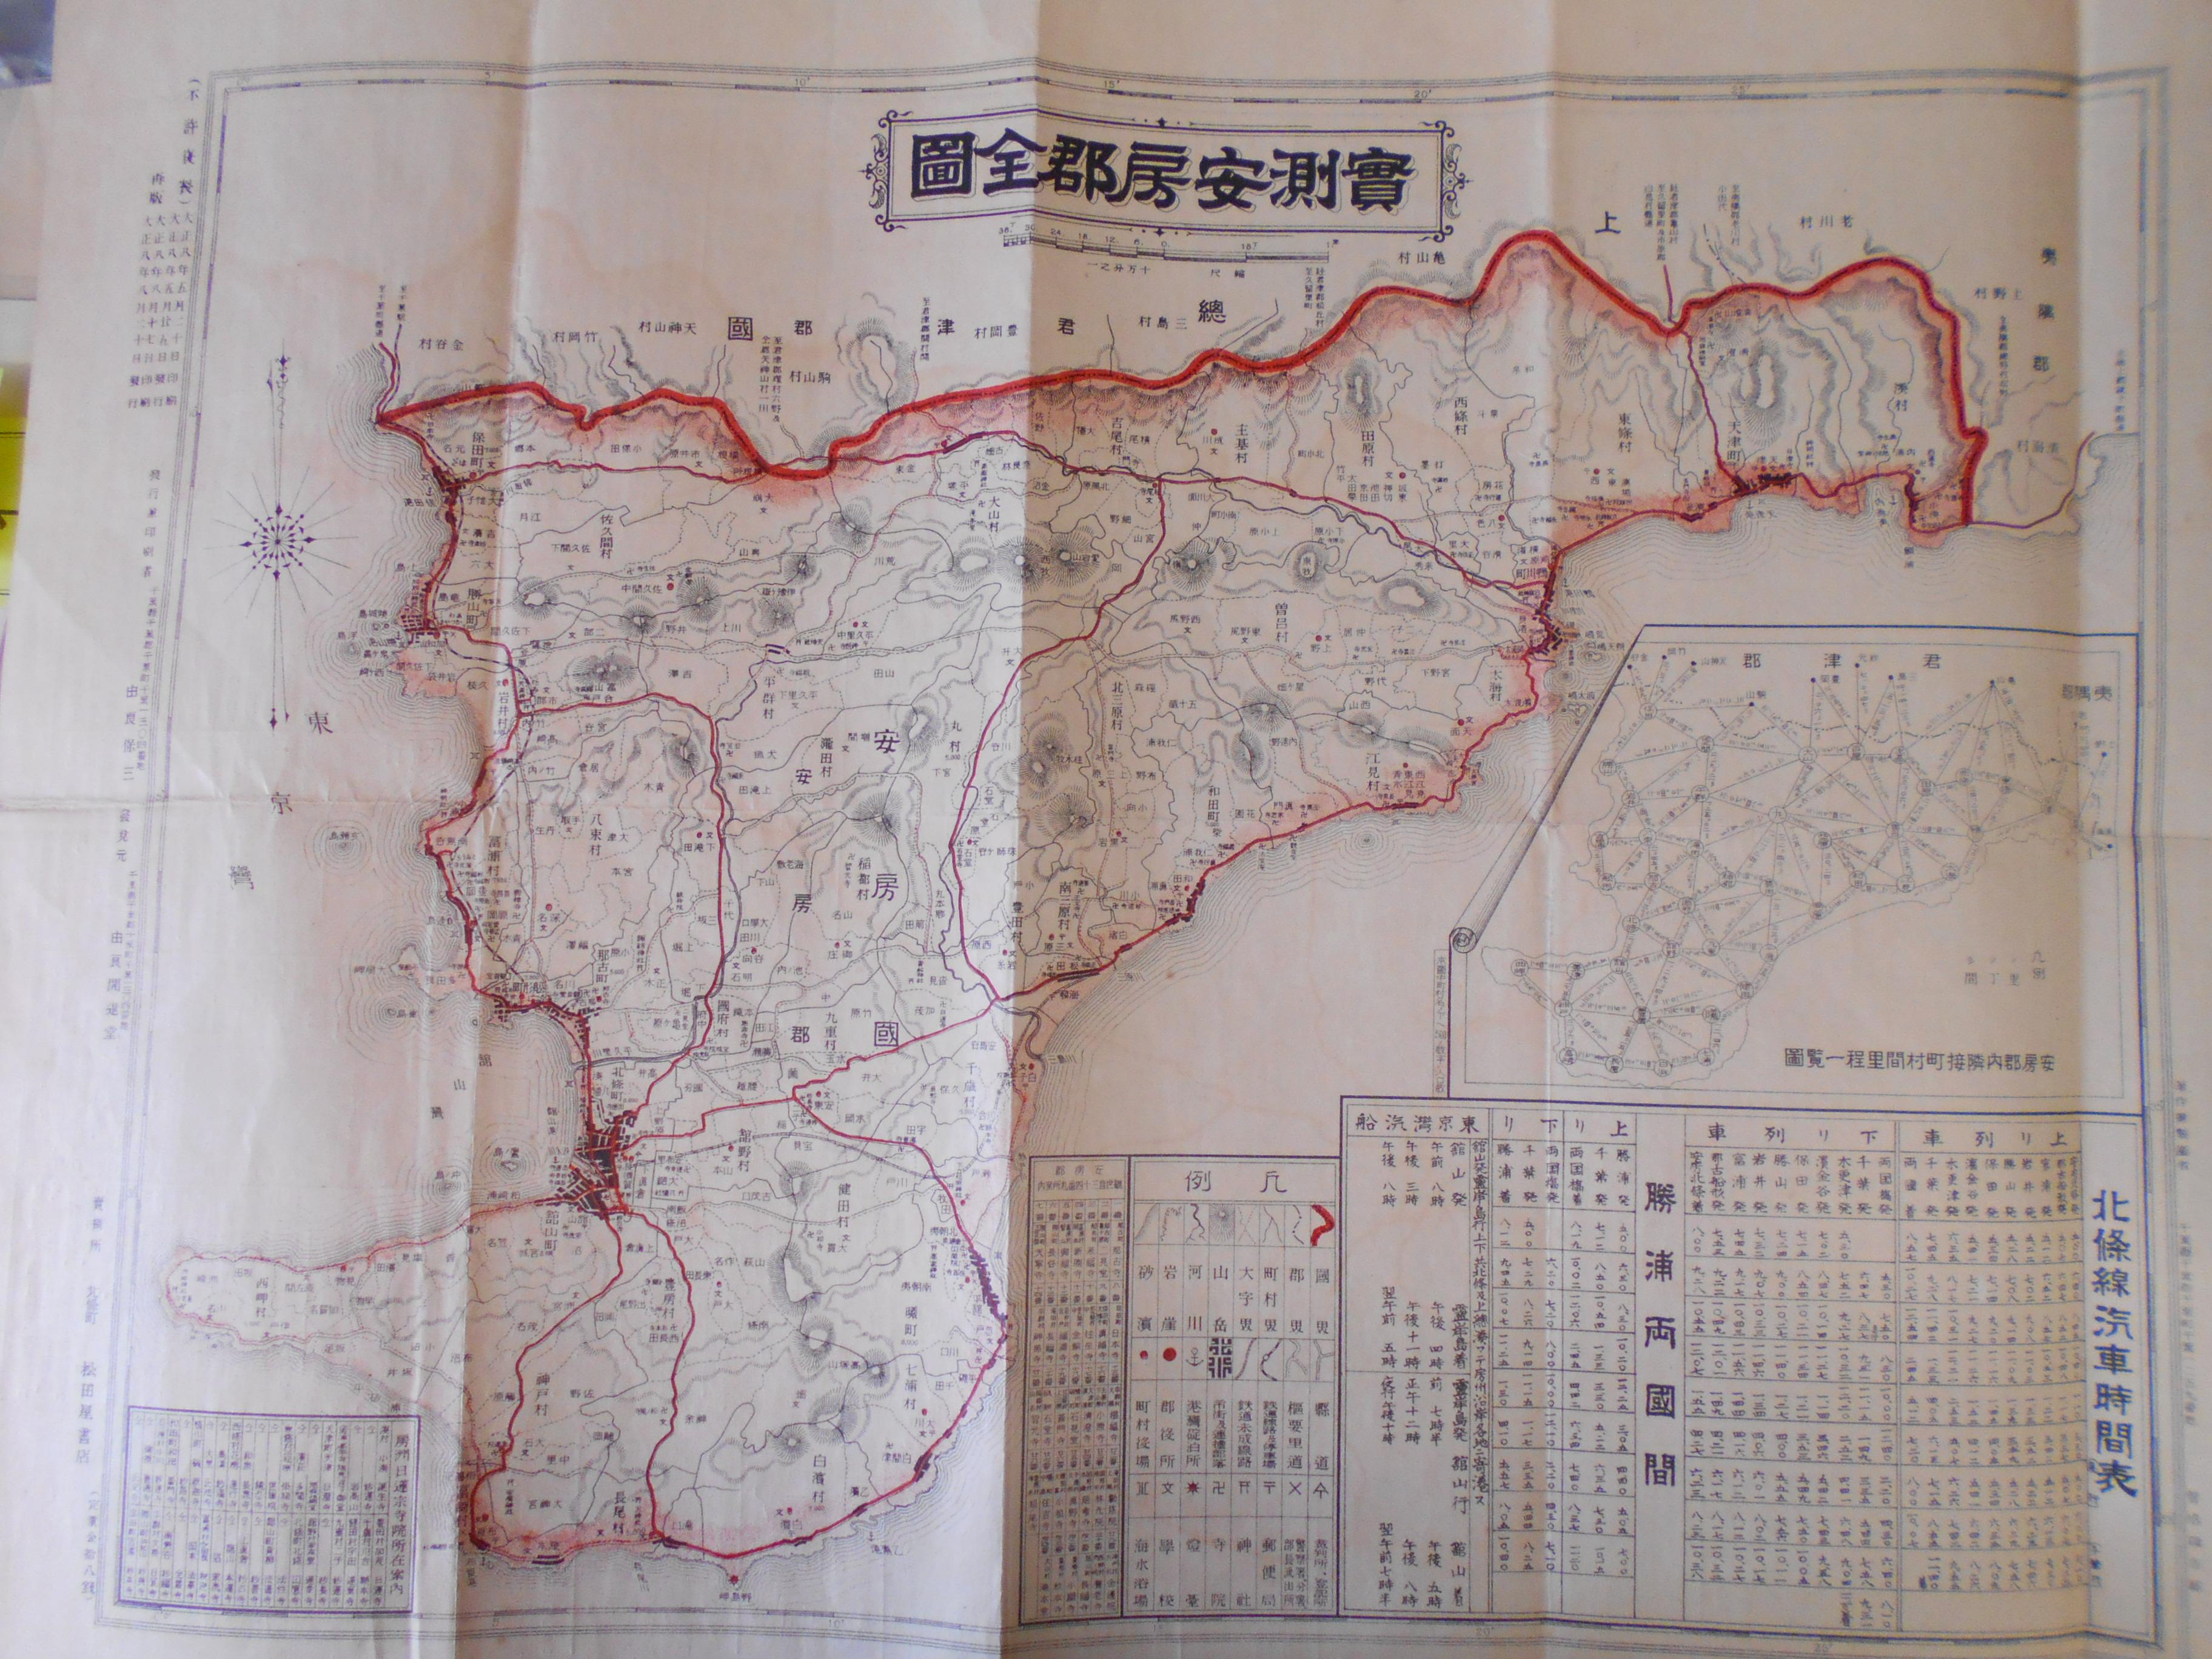 戦前地図【實測安房郡全圖】買取いたしますの画像